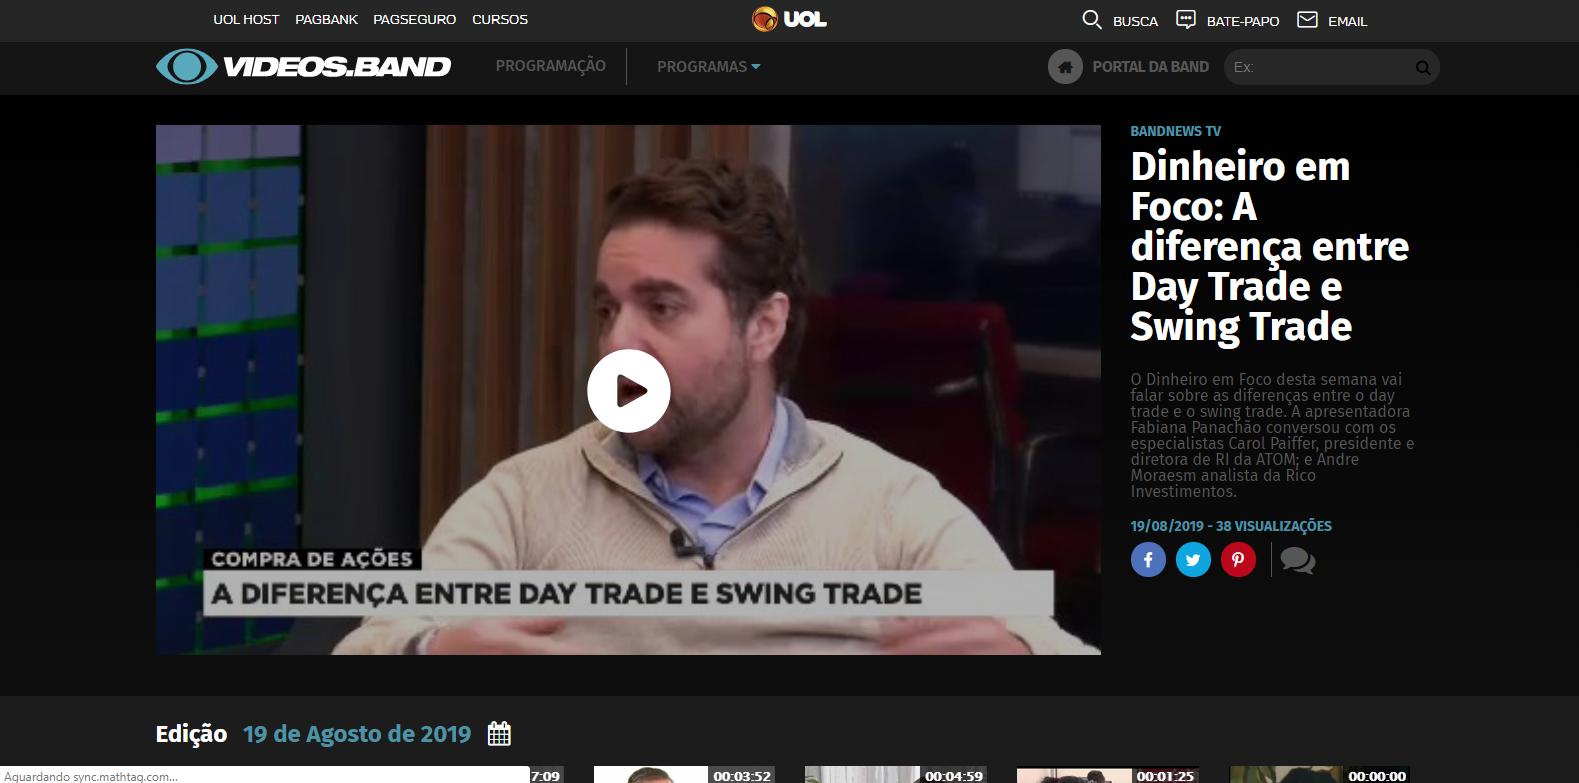 Dinheiro em Foco: A diferença entre Day Trade e Swing Trade